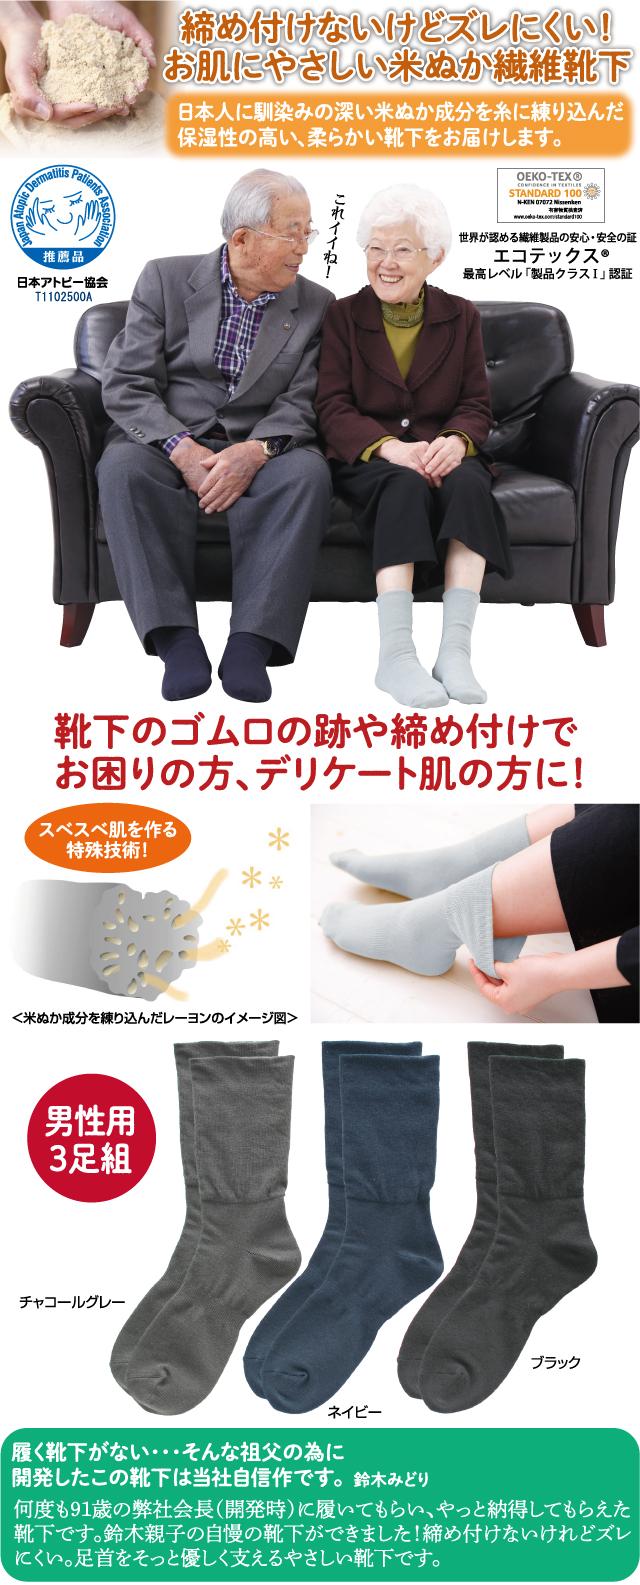 歩くぬか袋 締め付けない靴下・男性用3足組